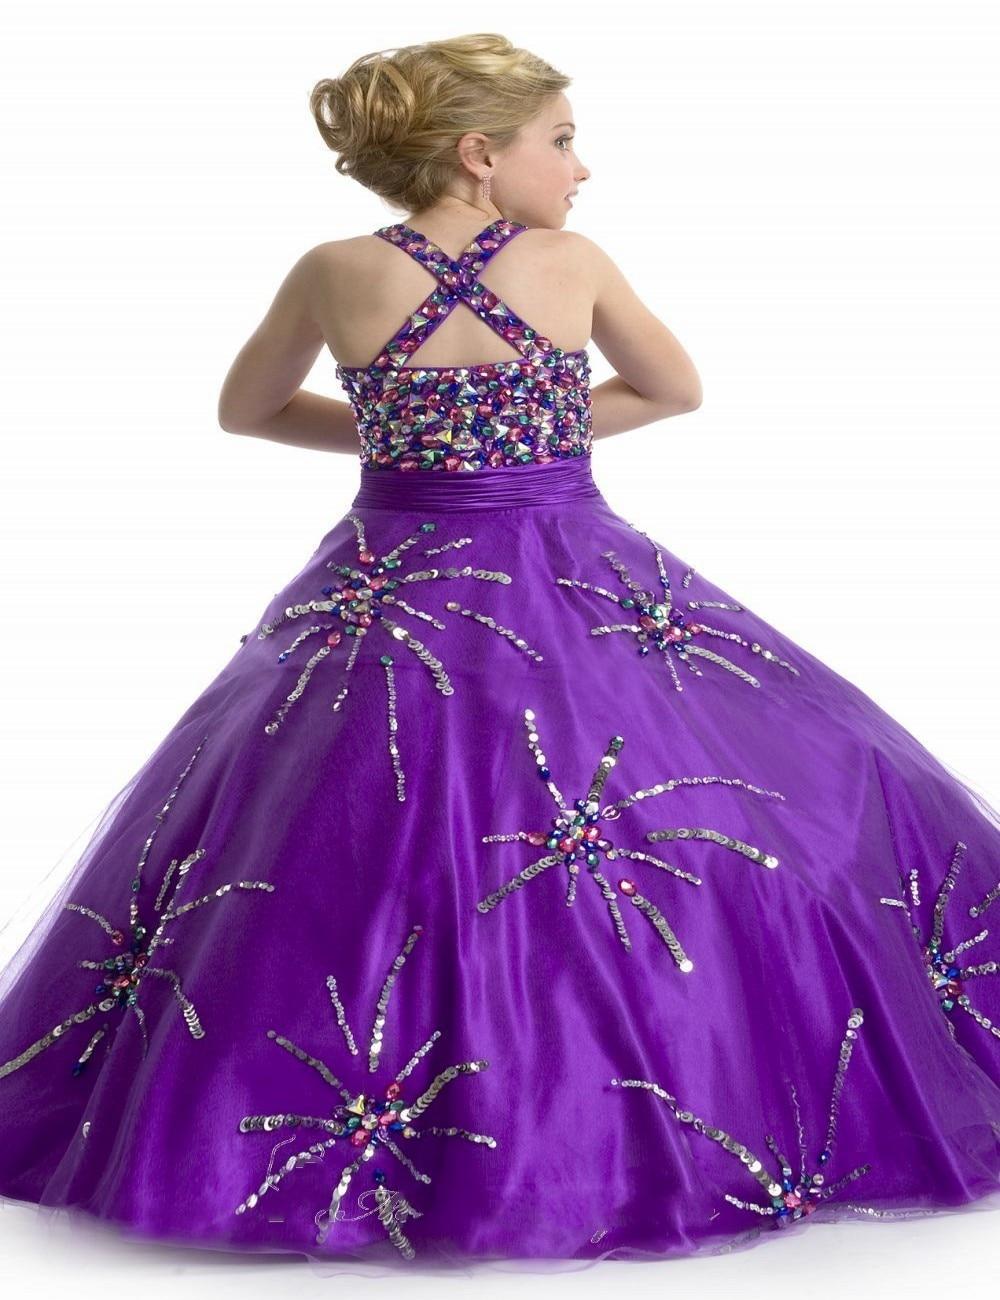 Asombroso Más Lindos Vestidos De Dama De Honor Fotos - Vestido de ...